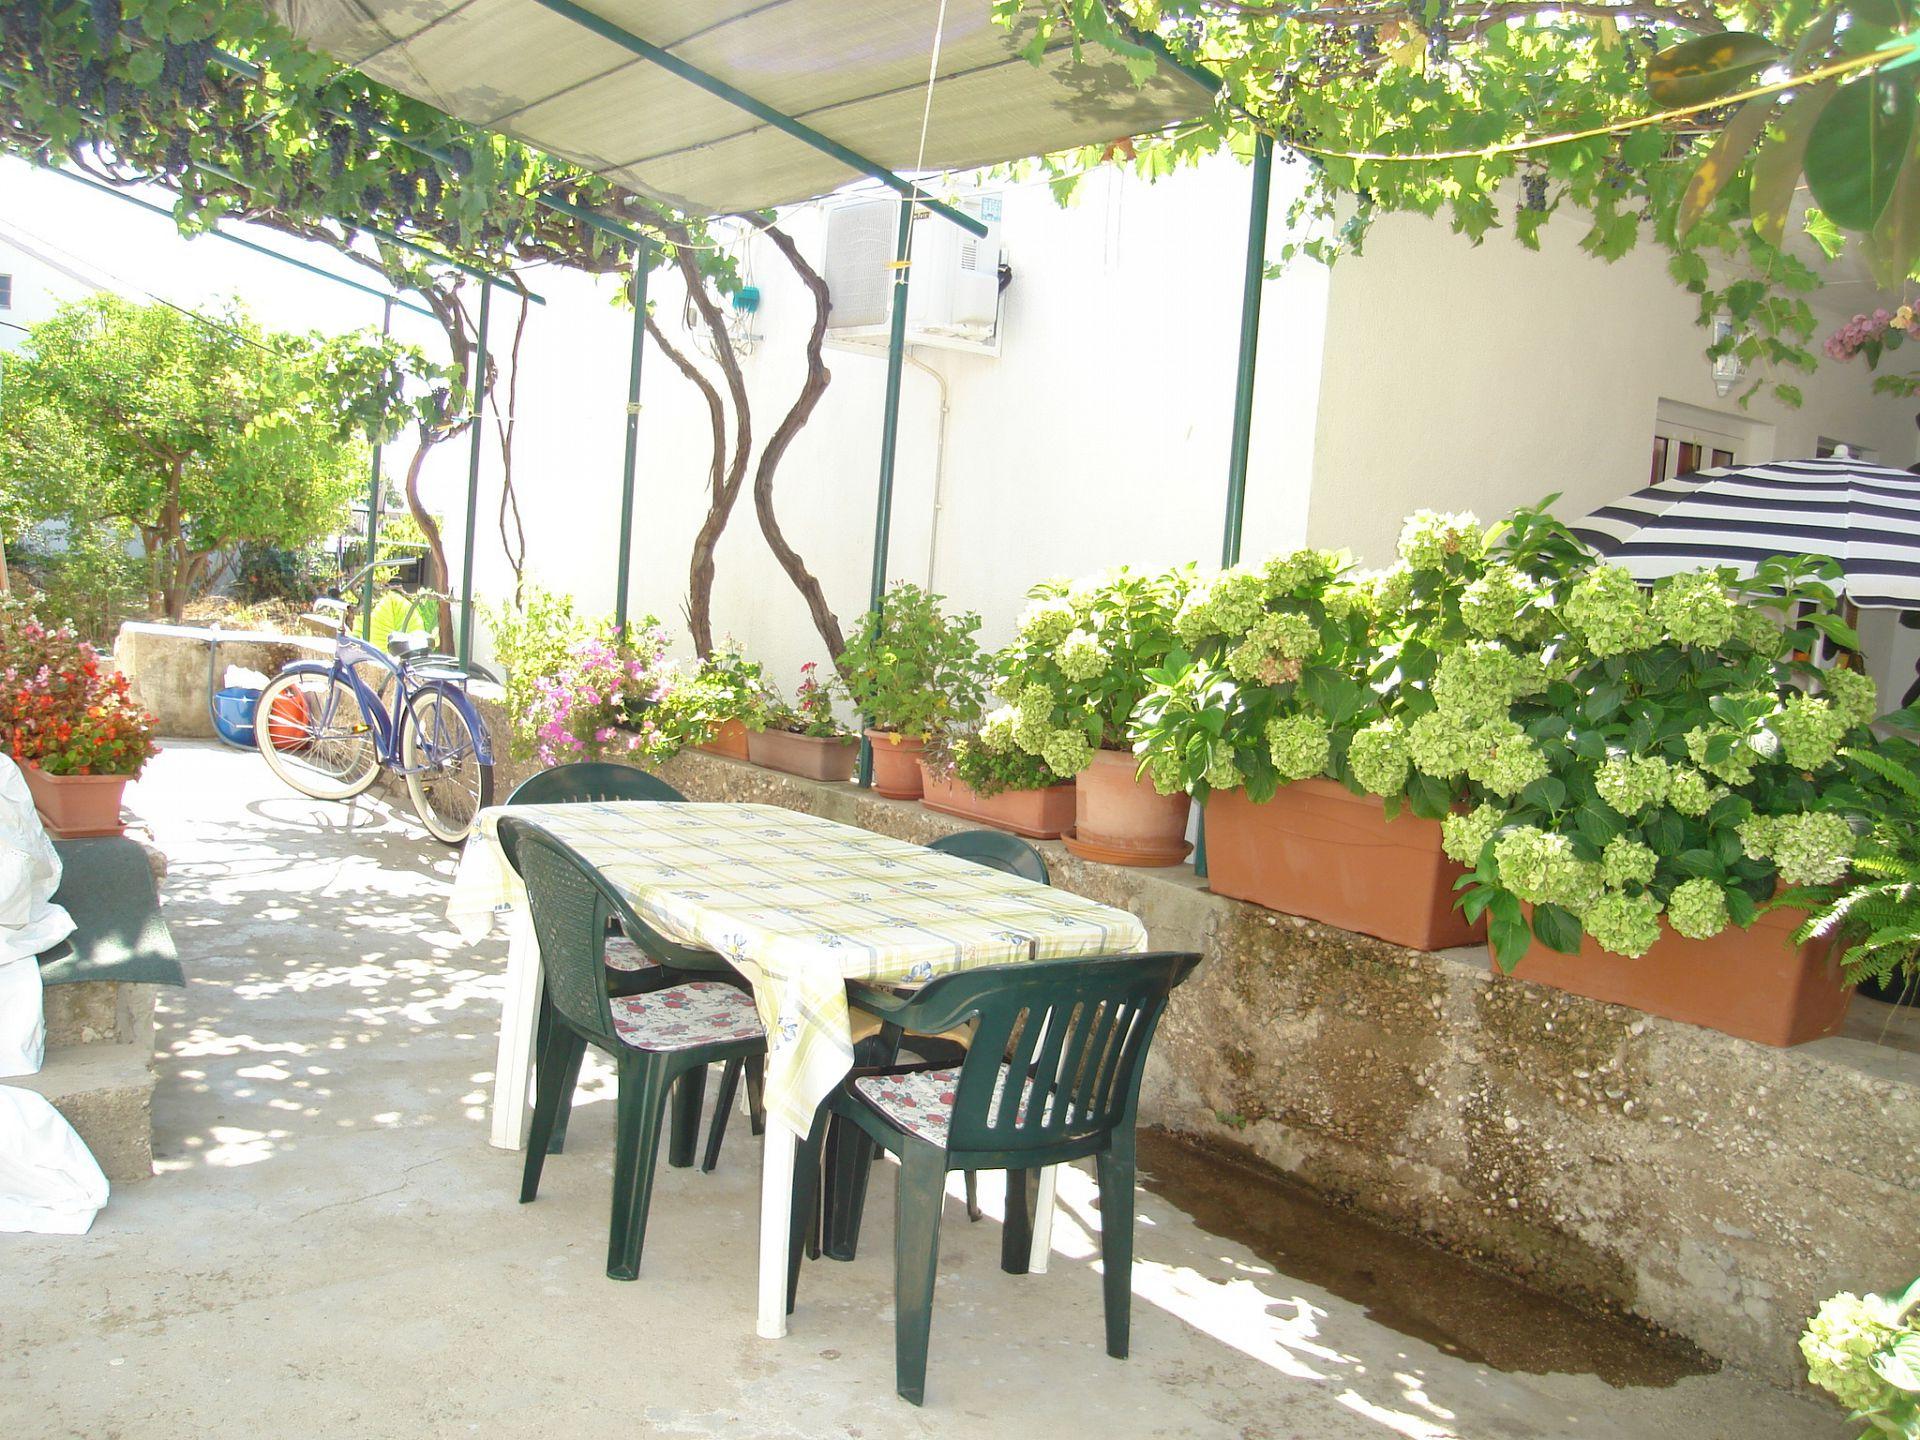 Ferienhaus Smi H1(4+1) - Sucuraj (742077), Sucuraj, Insel Hvar, Dalmatien, Kroatien, Bild 5